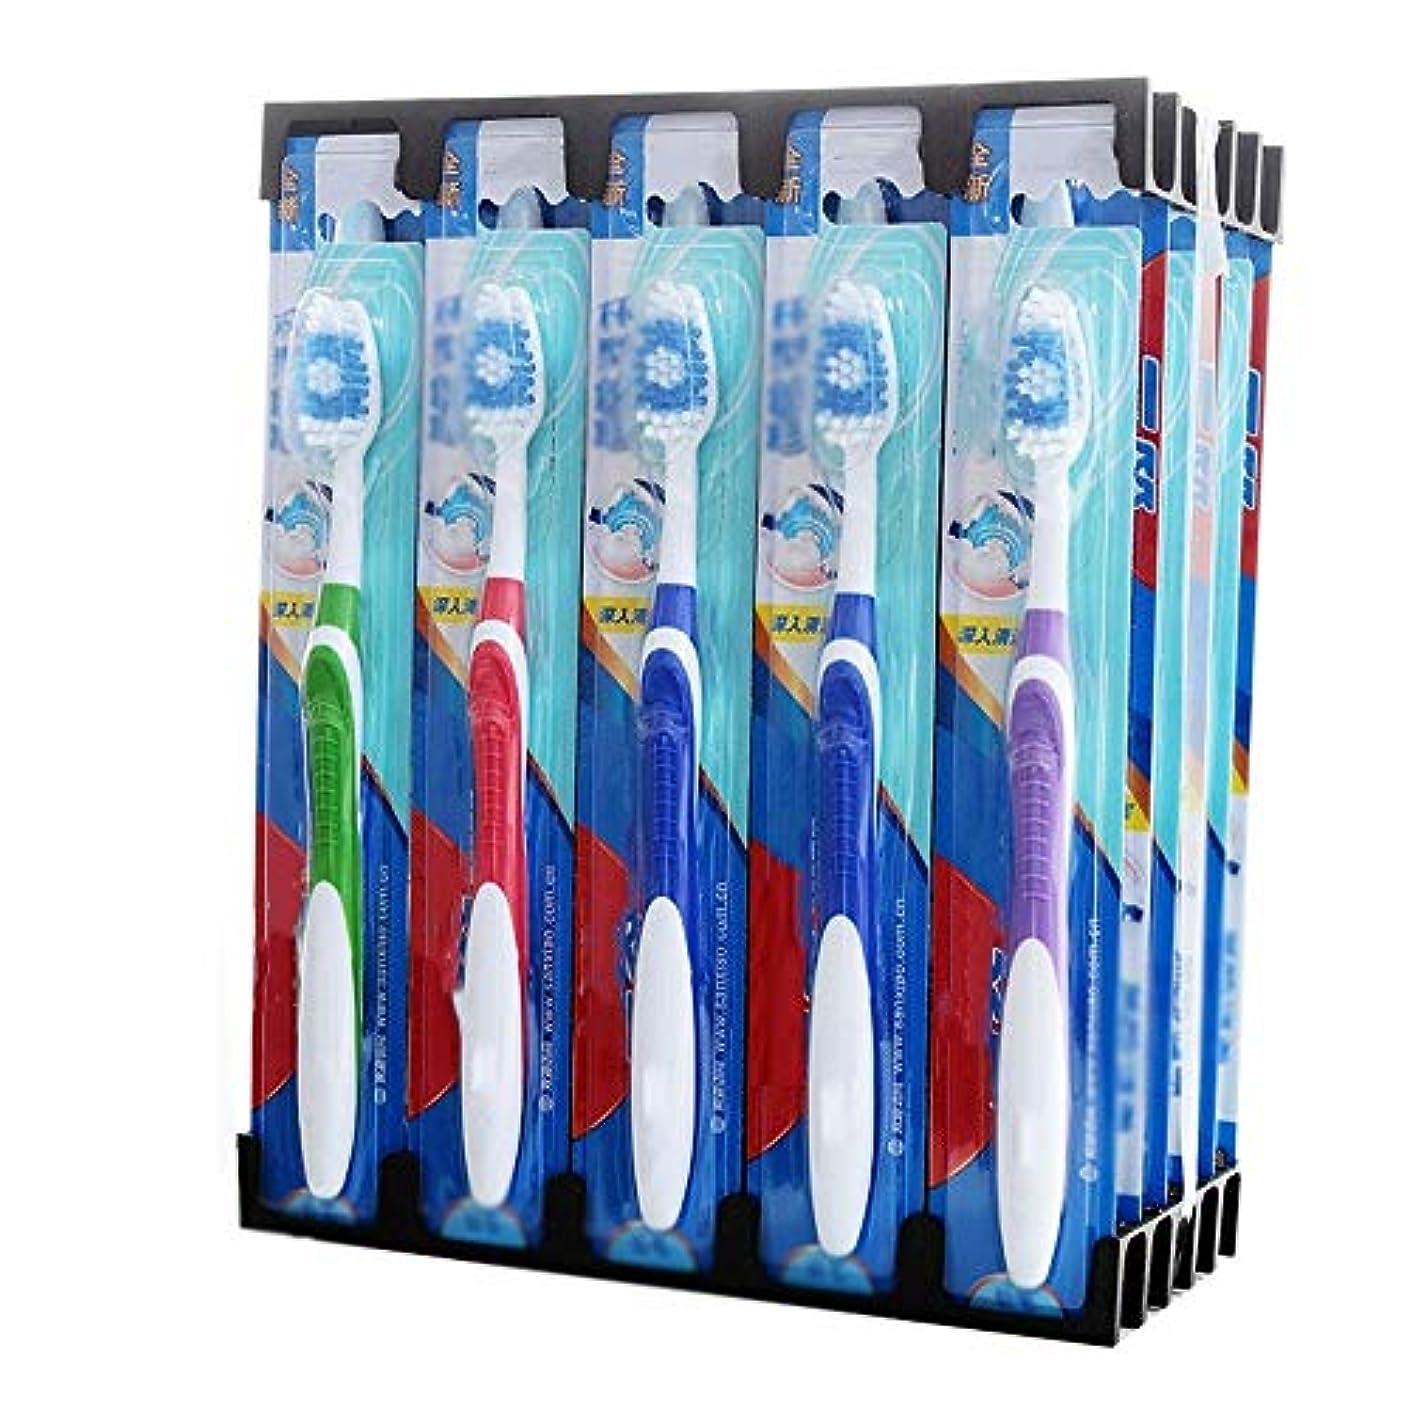 誘惑する欲求不満なので歯ブラシ 30本の歯ブラシ、旅行柔らかい歯ブラシ、歯ブラシのバルク極細歯ブラシ - 使用可能なスタイルの3種類 HL (色 : B, サイズ : 30 packs)